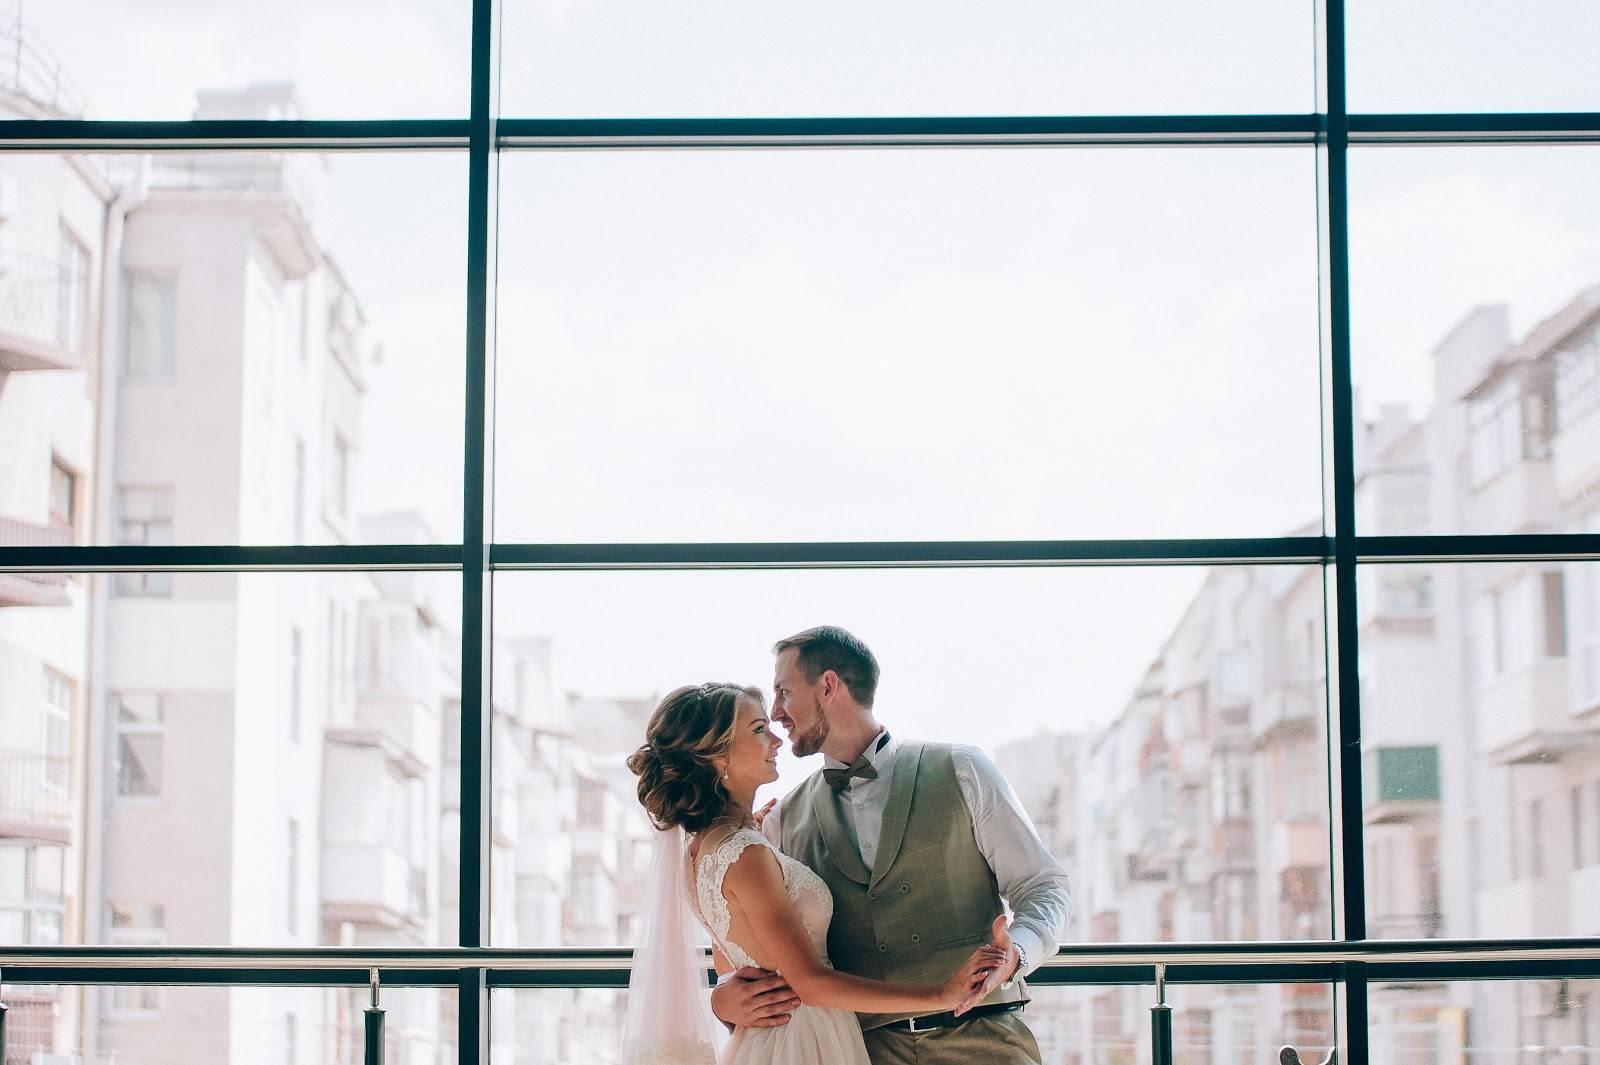 Свадебная фотосессия в студии: идеи и советы